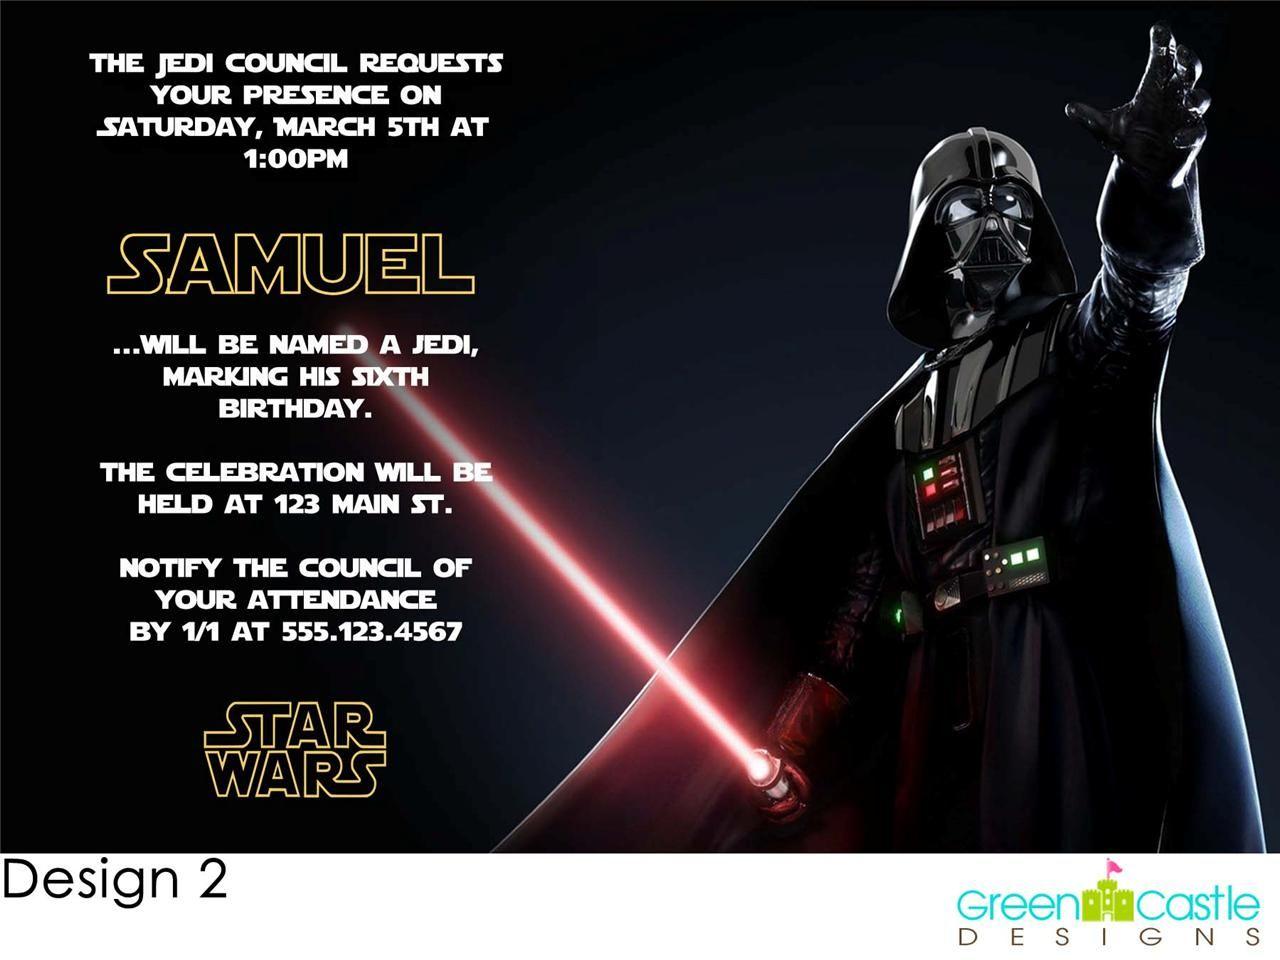 20 Star Wars Darth Vader Birthday Party Invitations Star wars